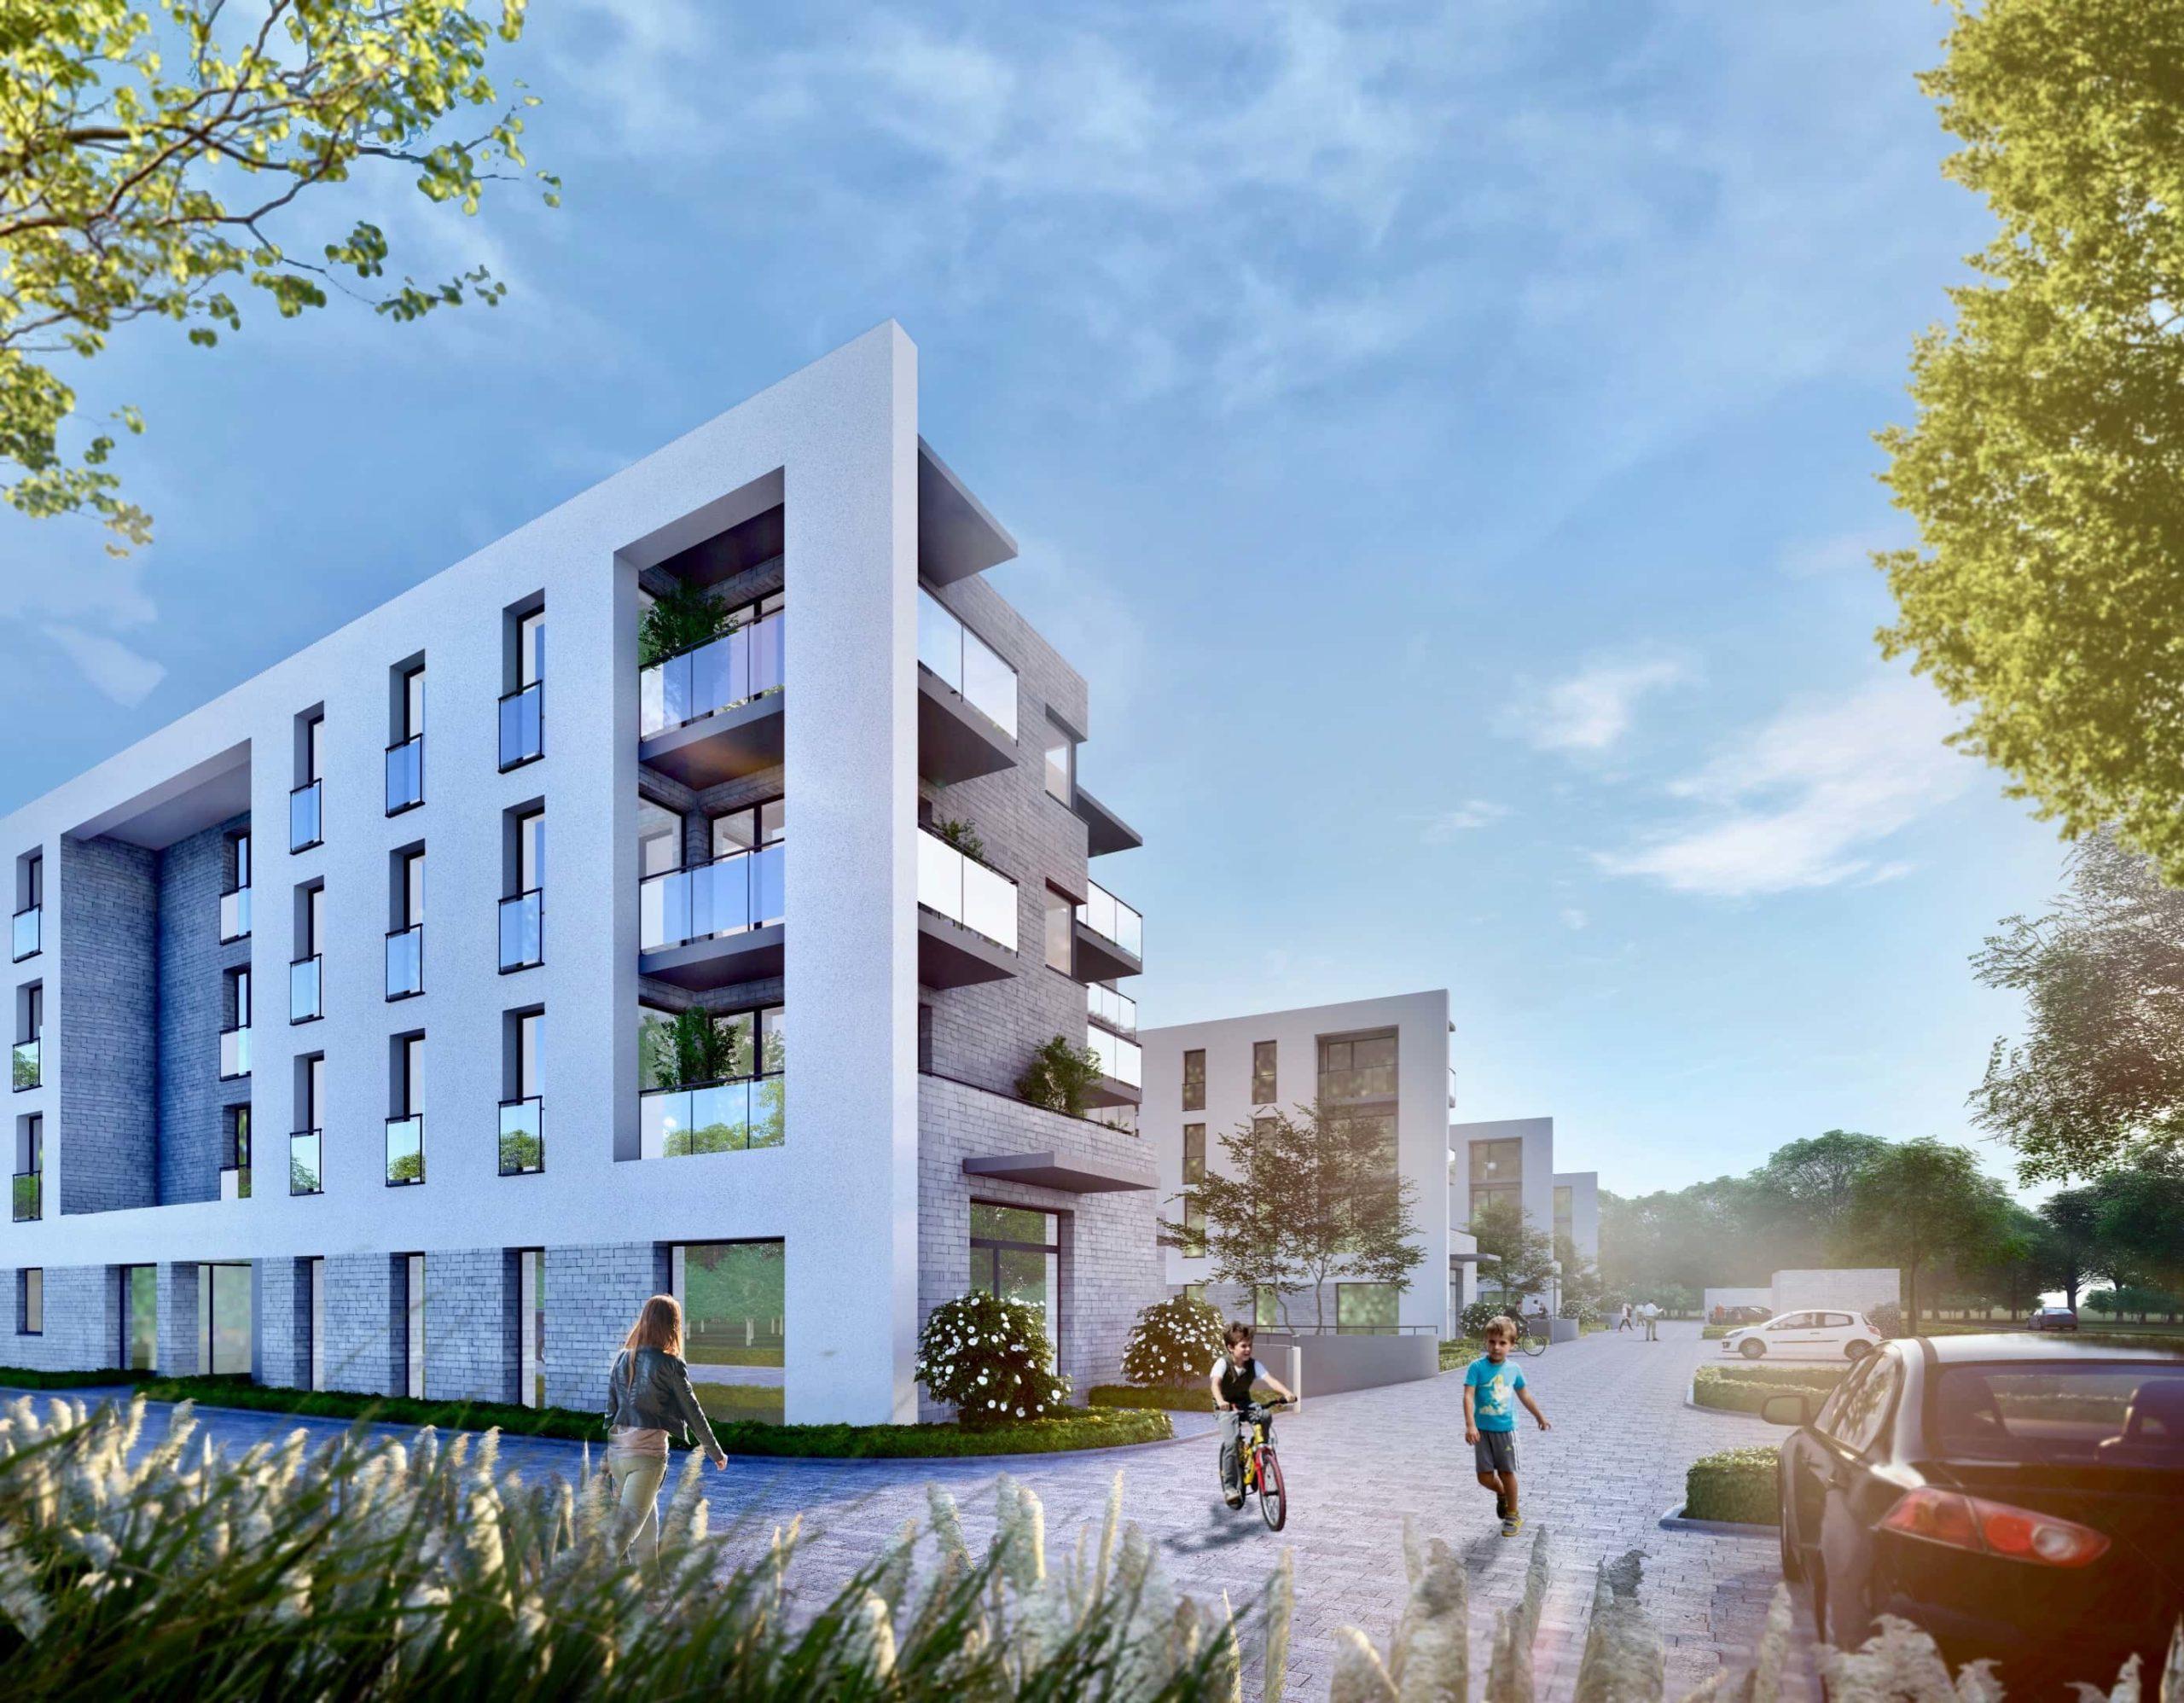 zam lipska 1 scaled 1 1 Trwa sprzedaż drugiego etapu nowoczesnego osiedla mieszkaniowego